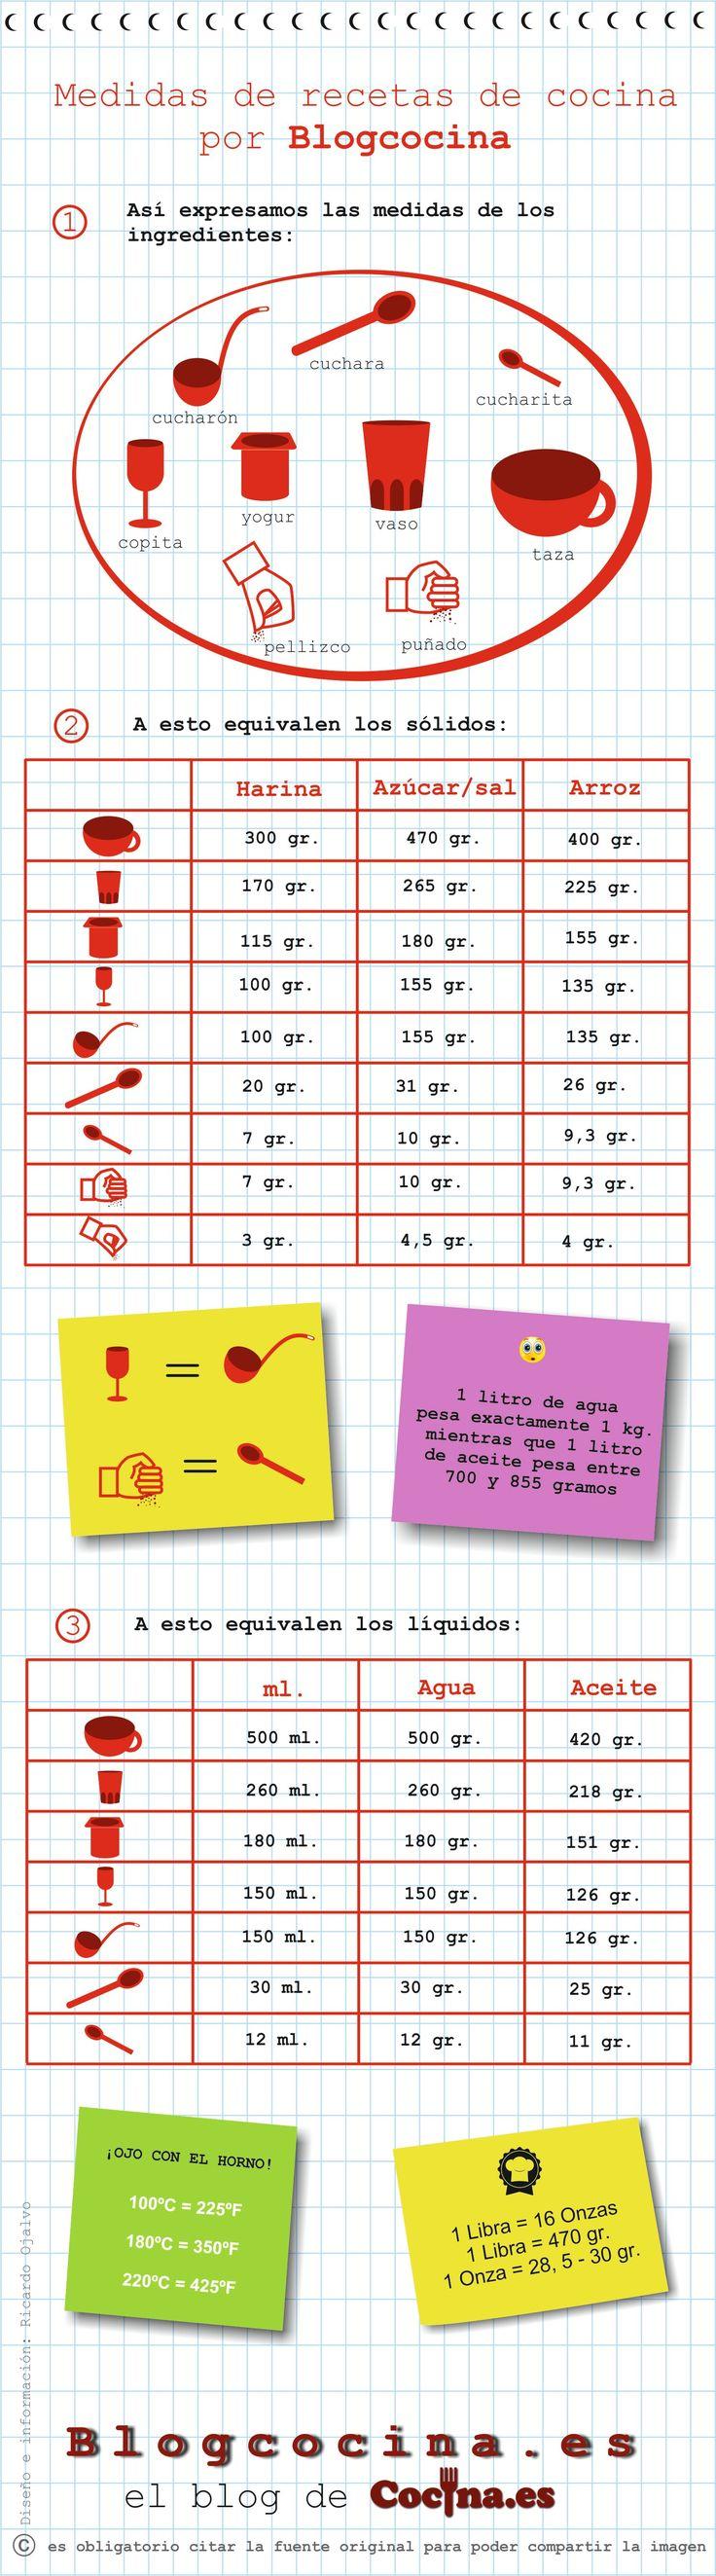 Tabla de Equivalencias Cocina